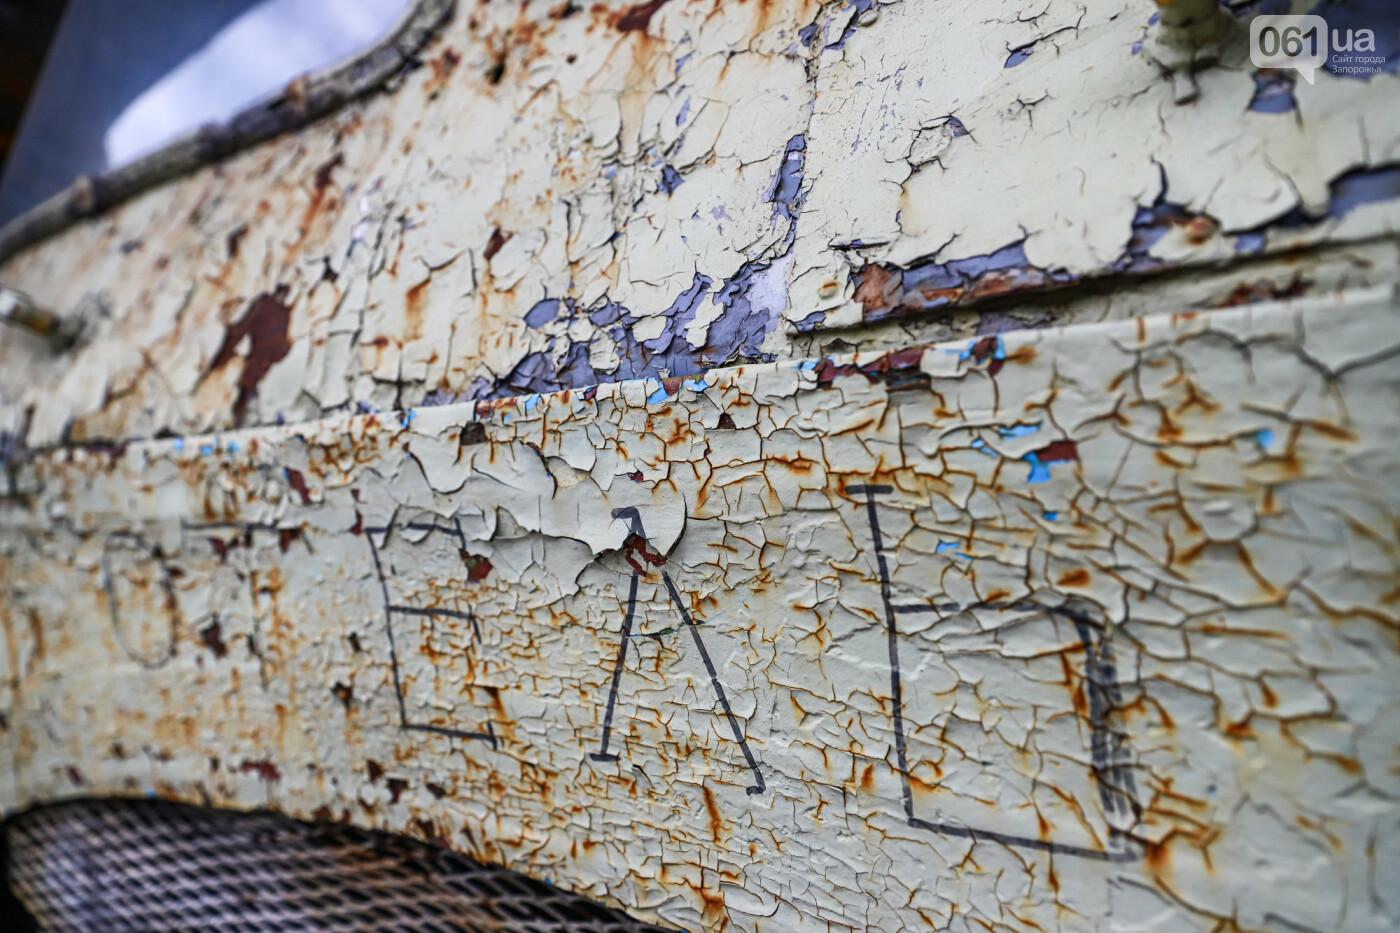 В Запорожье на месте зеленхоза одного из заводов появится Музей специального транспорта, - ФОТОРЕПОРТАЖ, фото-33